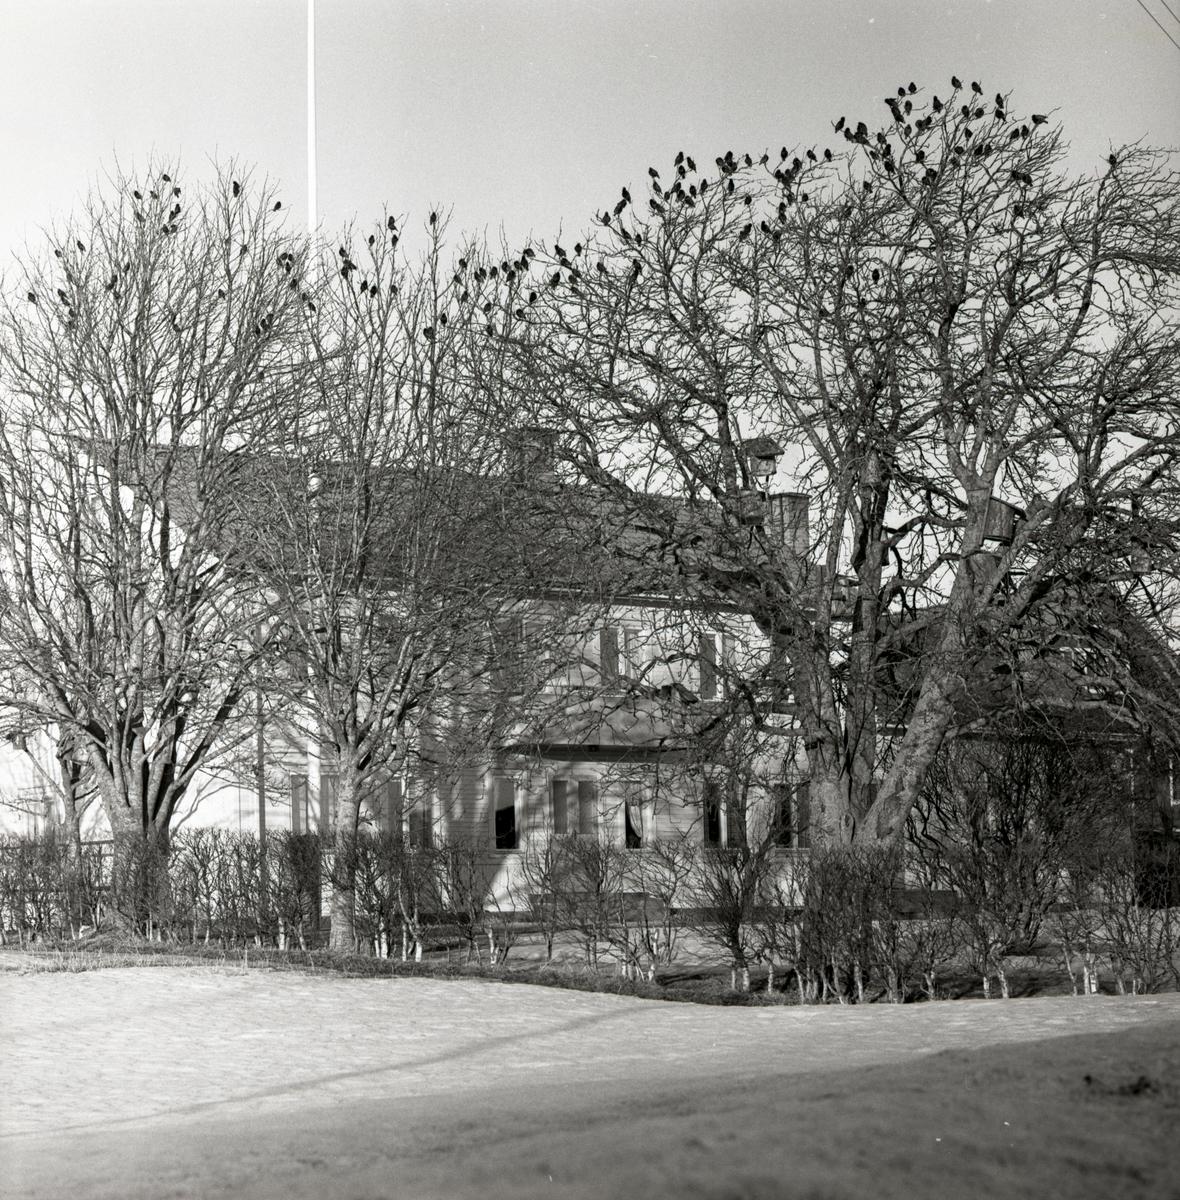 En starflock sitter i ett träd i Flästa, våren 1960.